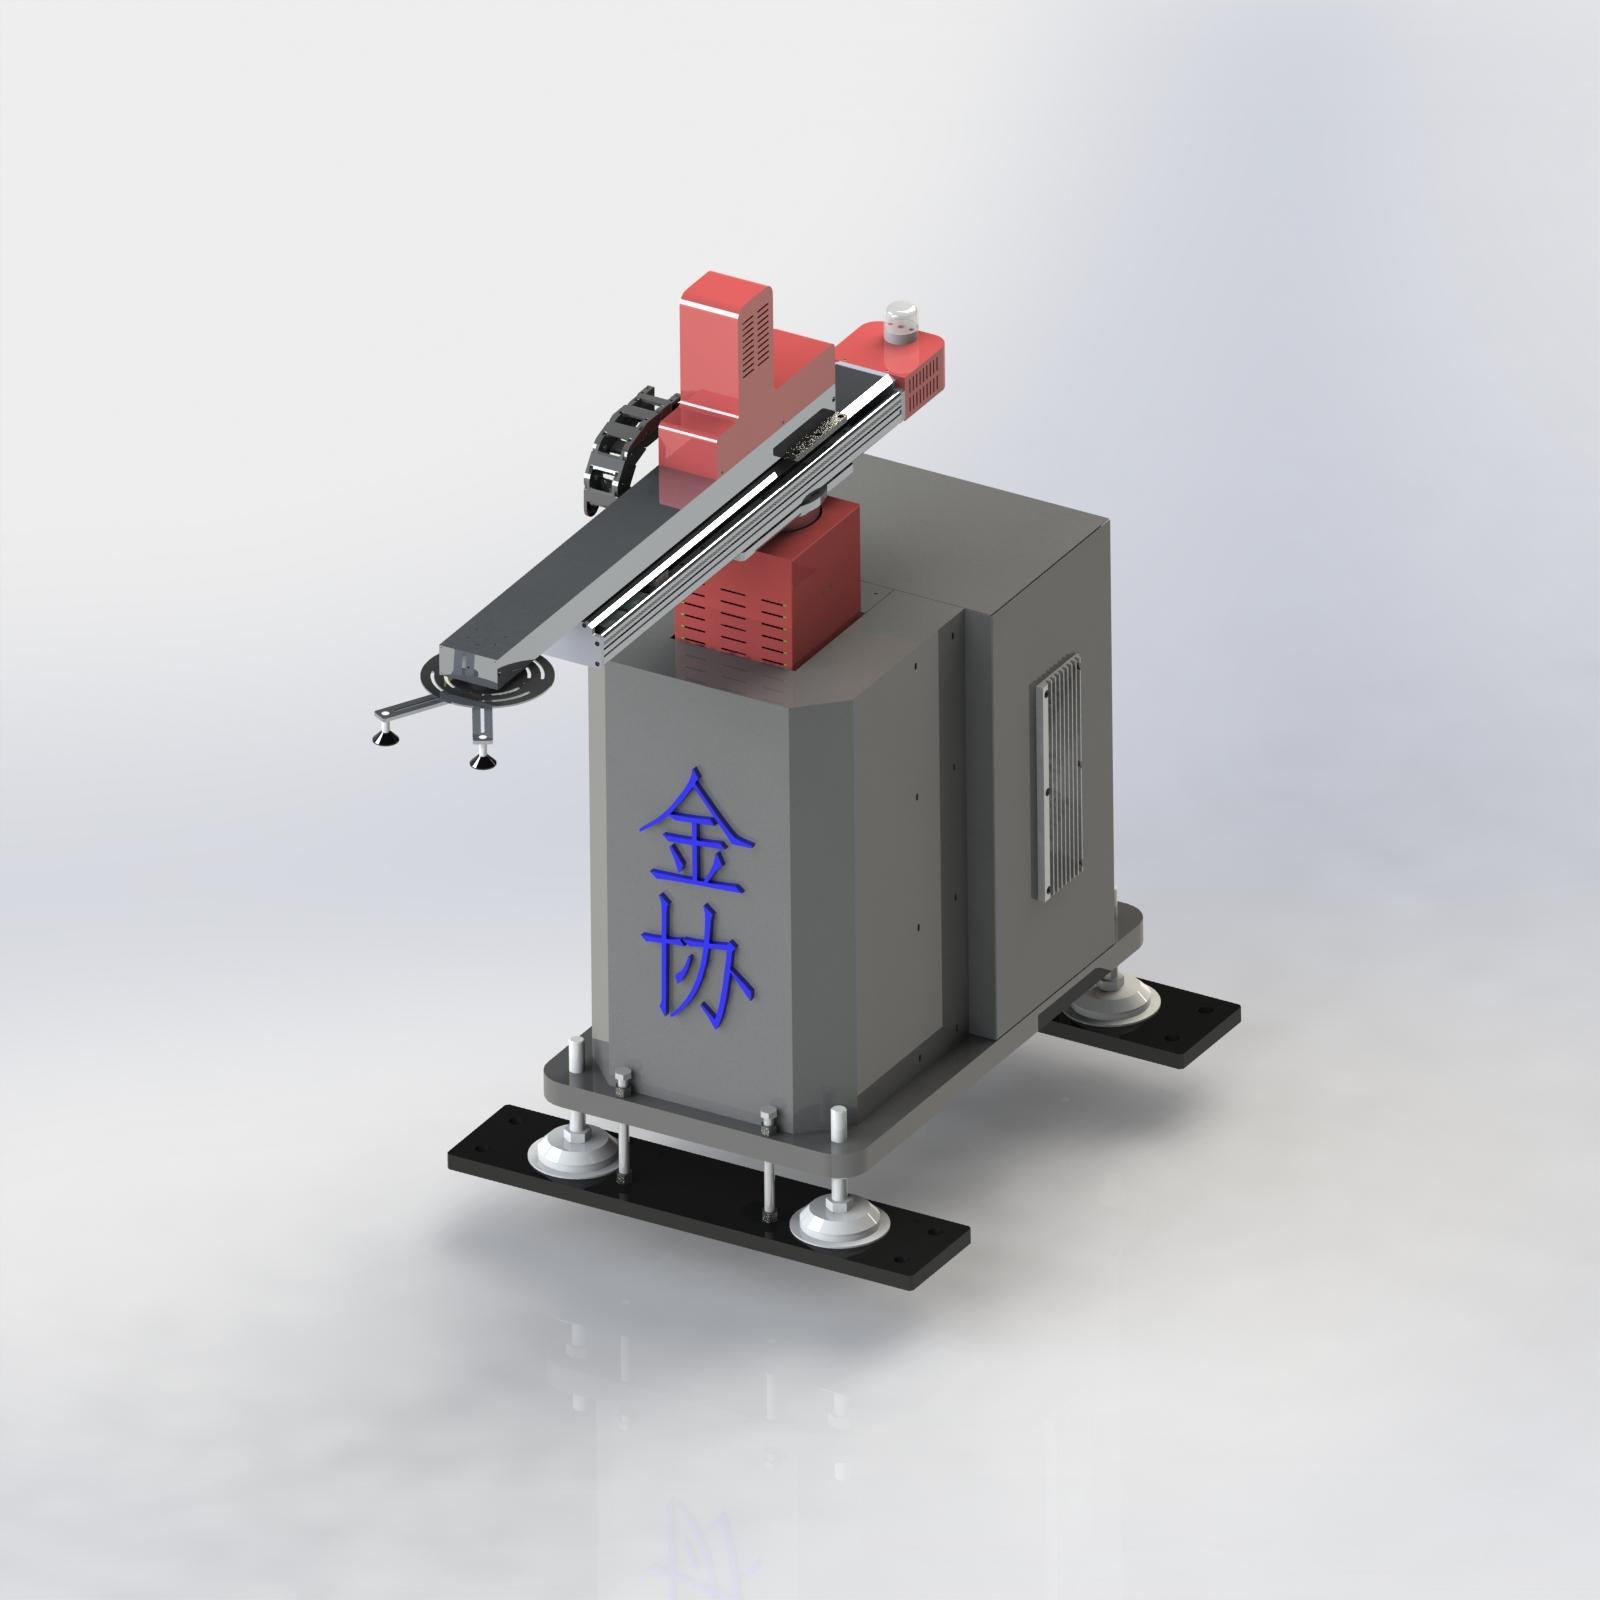 金协 JXDZ-BB4 四轴摆臂机械手